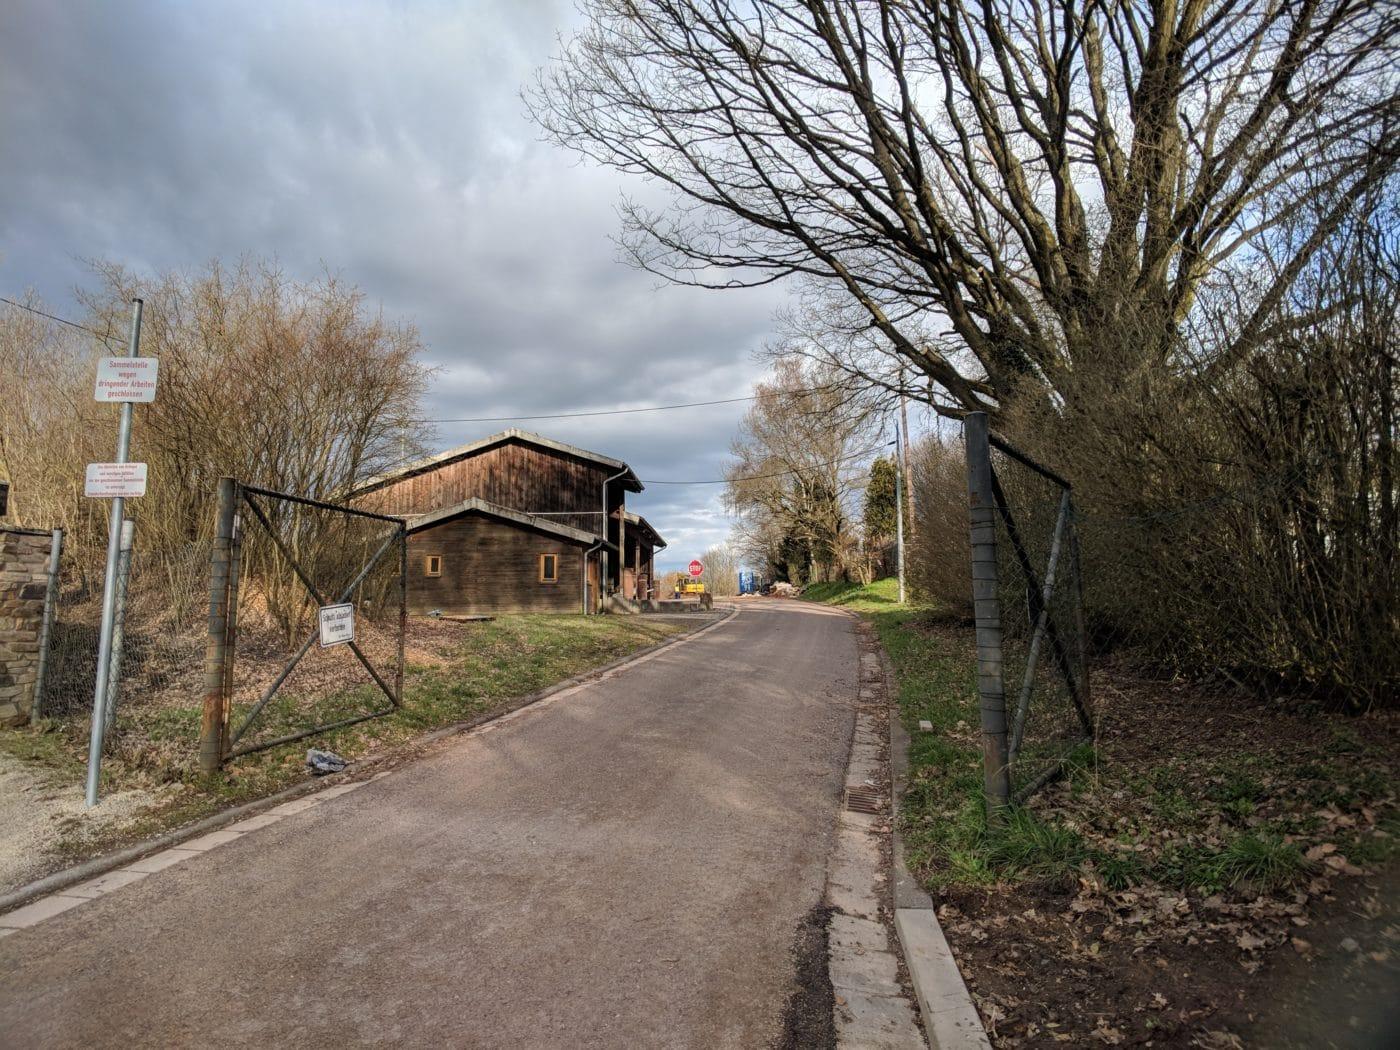 Die Grüngutsammelstelle der Stadt Friedrichsthal und Gemeinde Spiesen-Elversberg